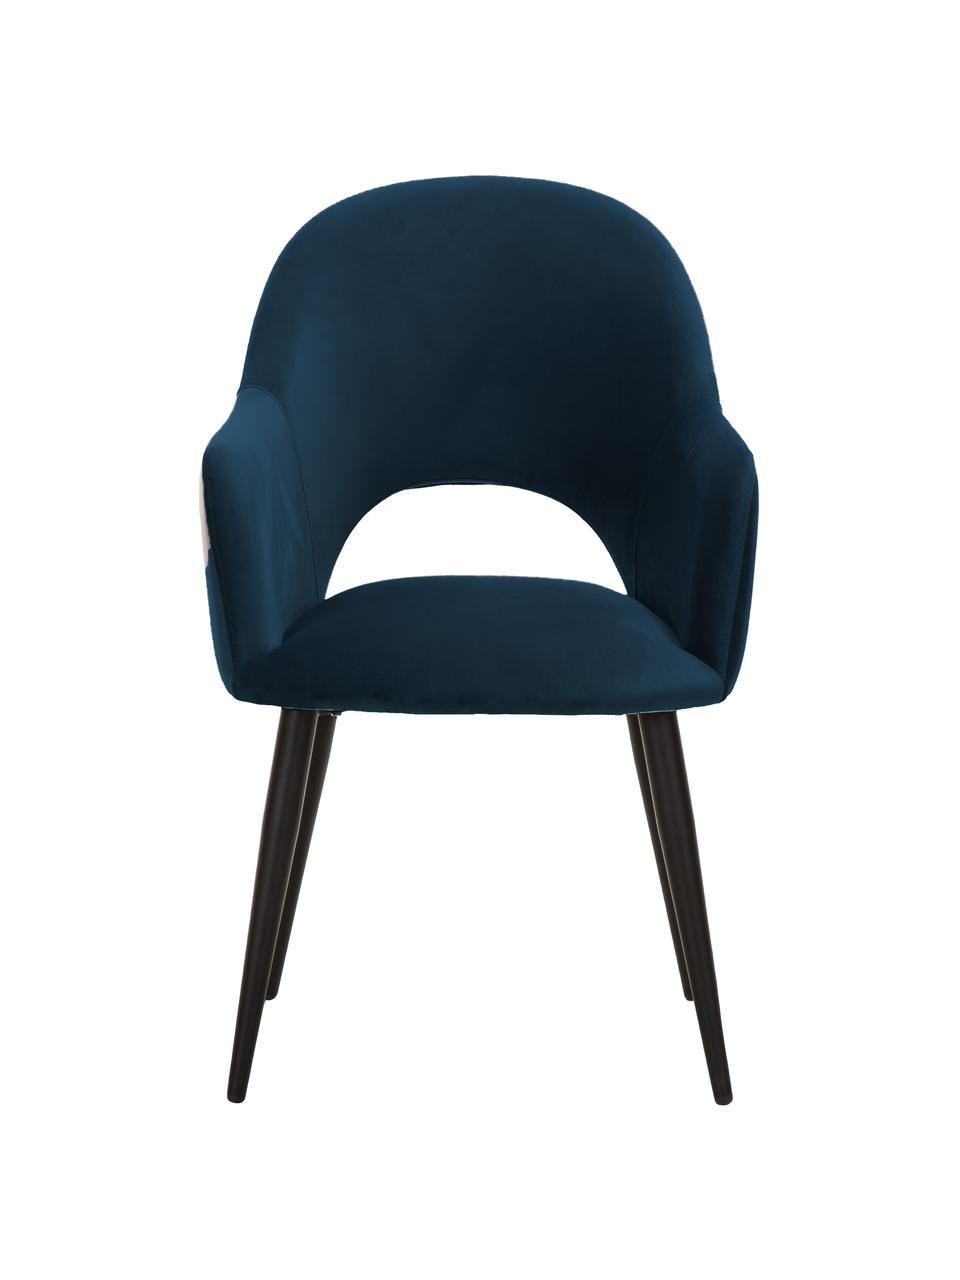 Chaise rembourrée velours bleu Rachel, Velours bleu foncé